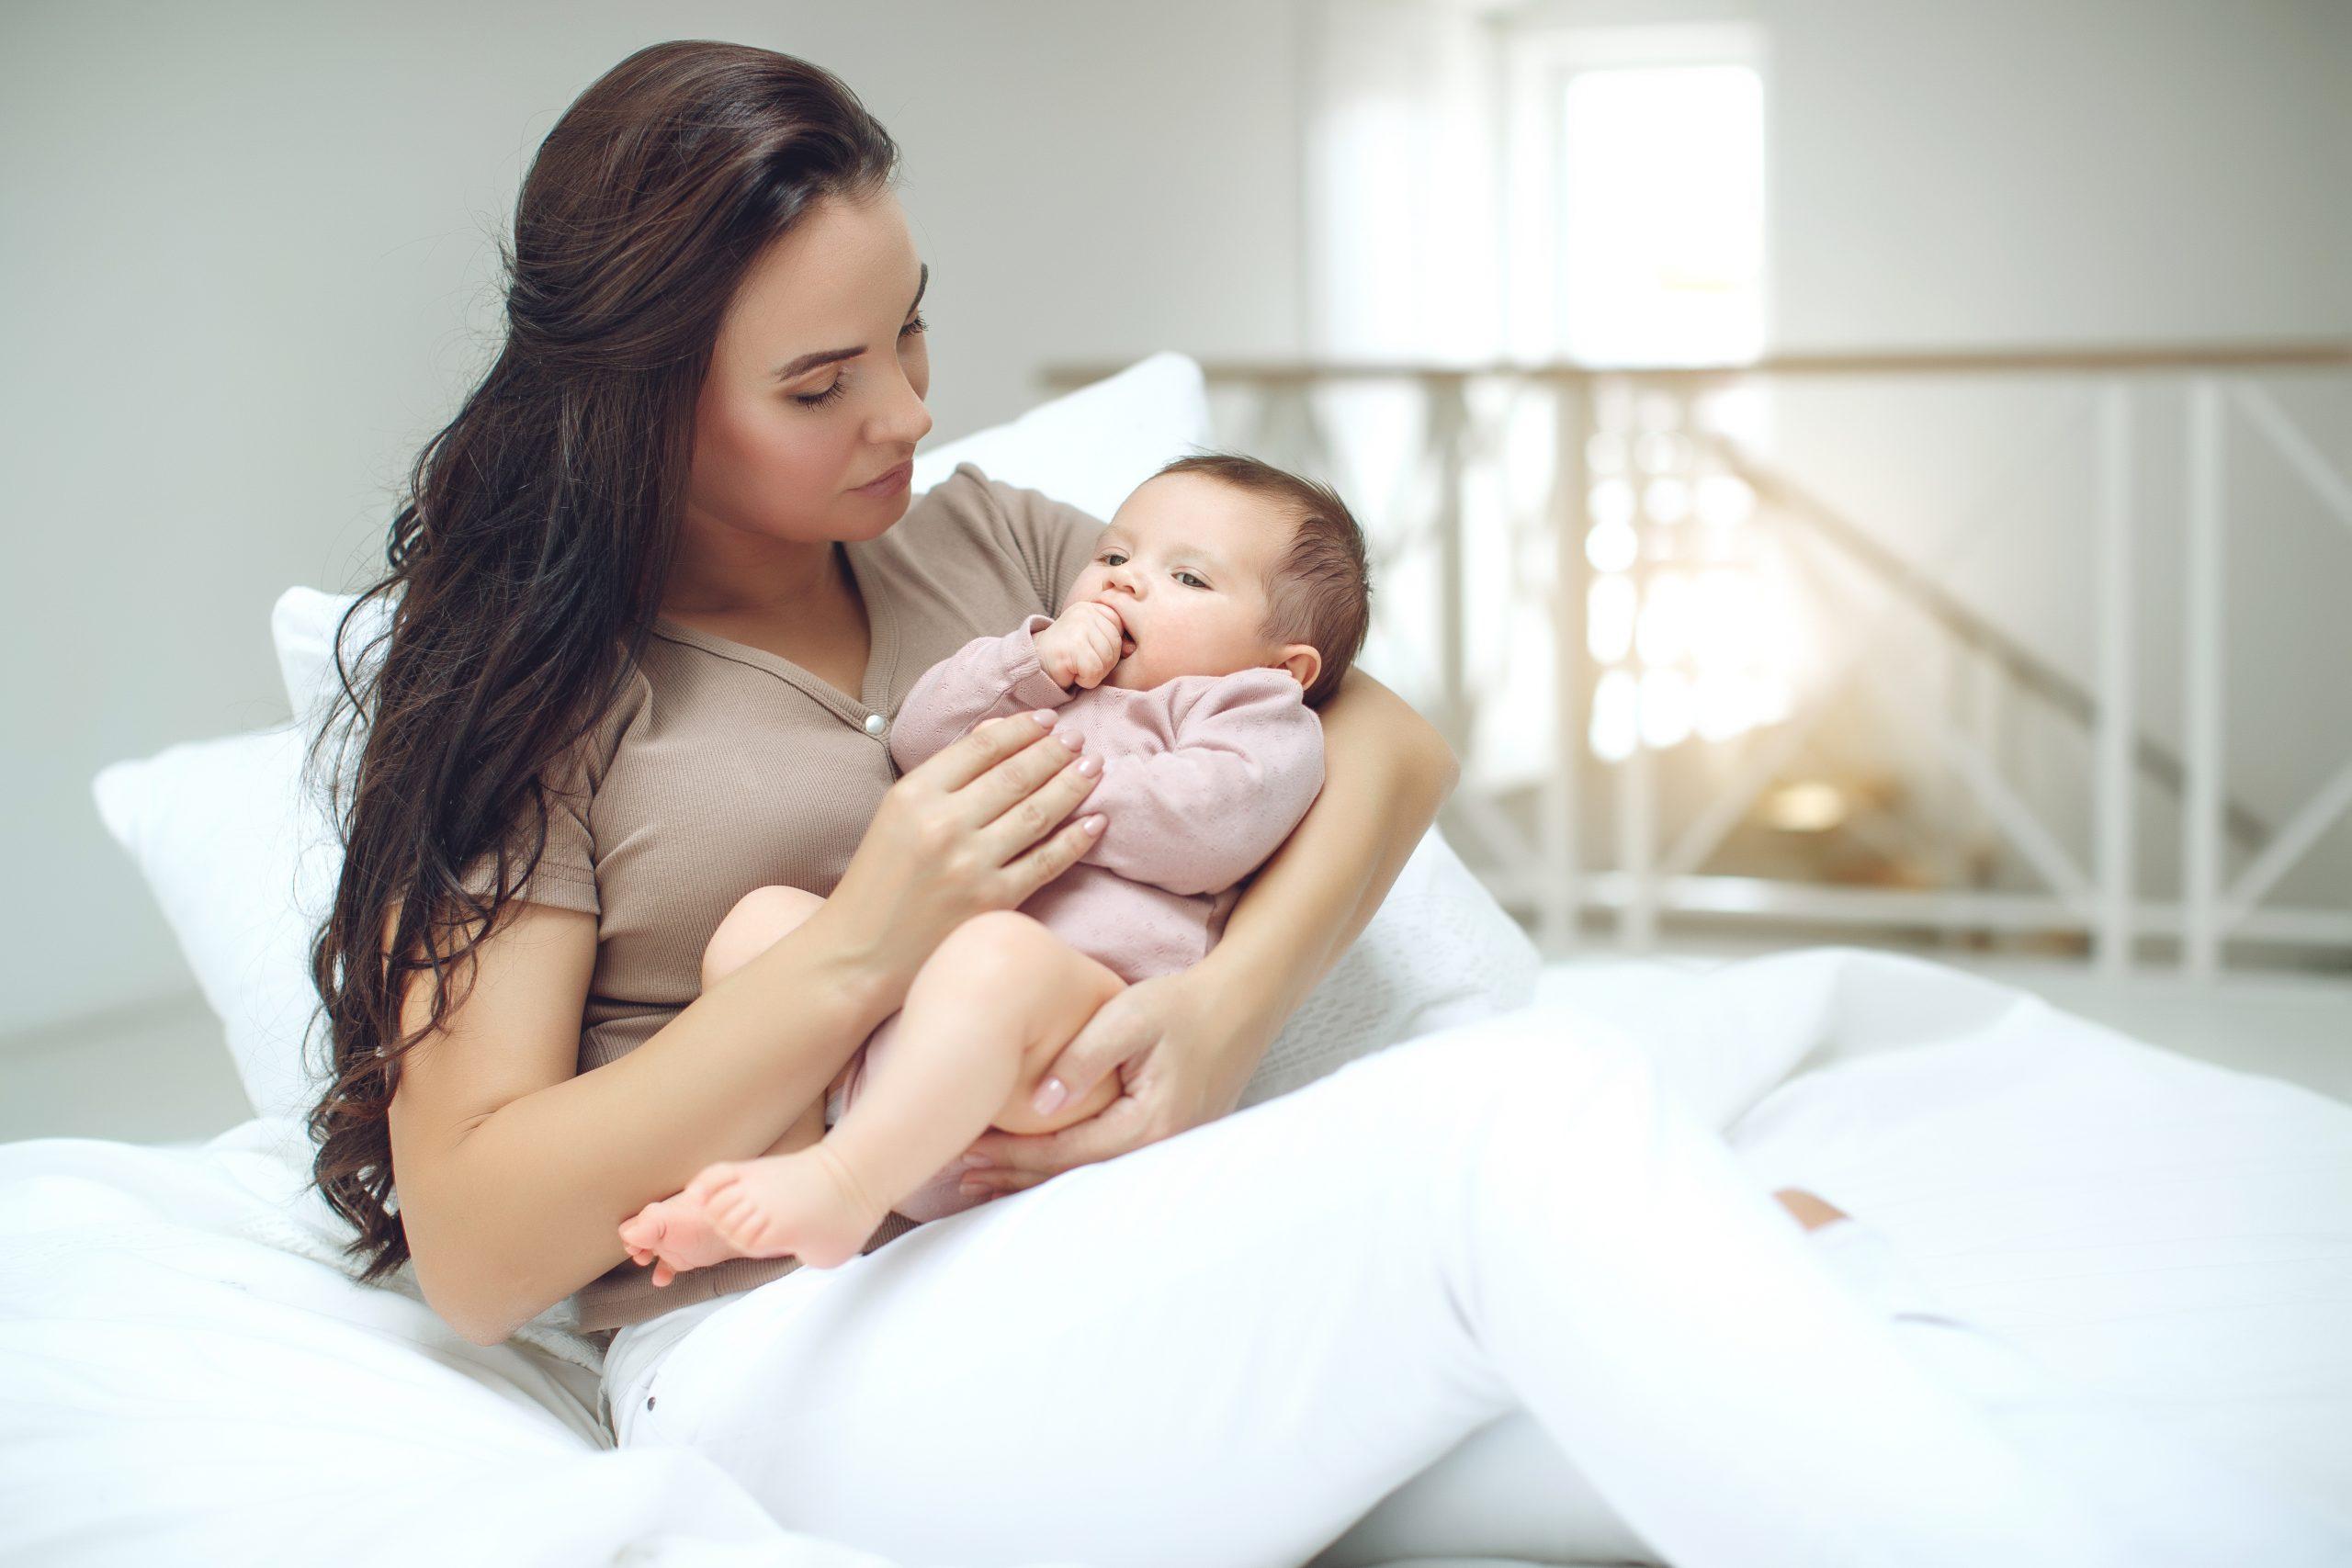 Икота у новорожденных: как избавиться и предотвратить